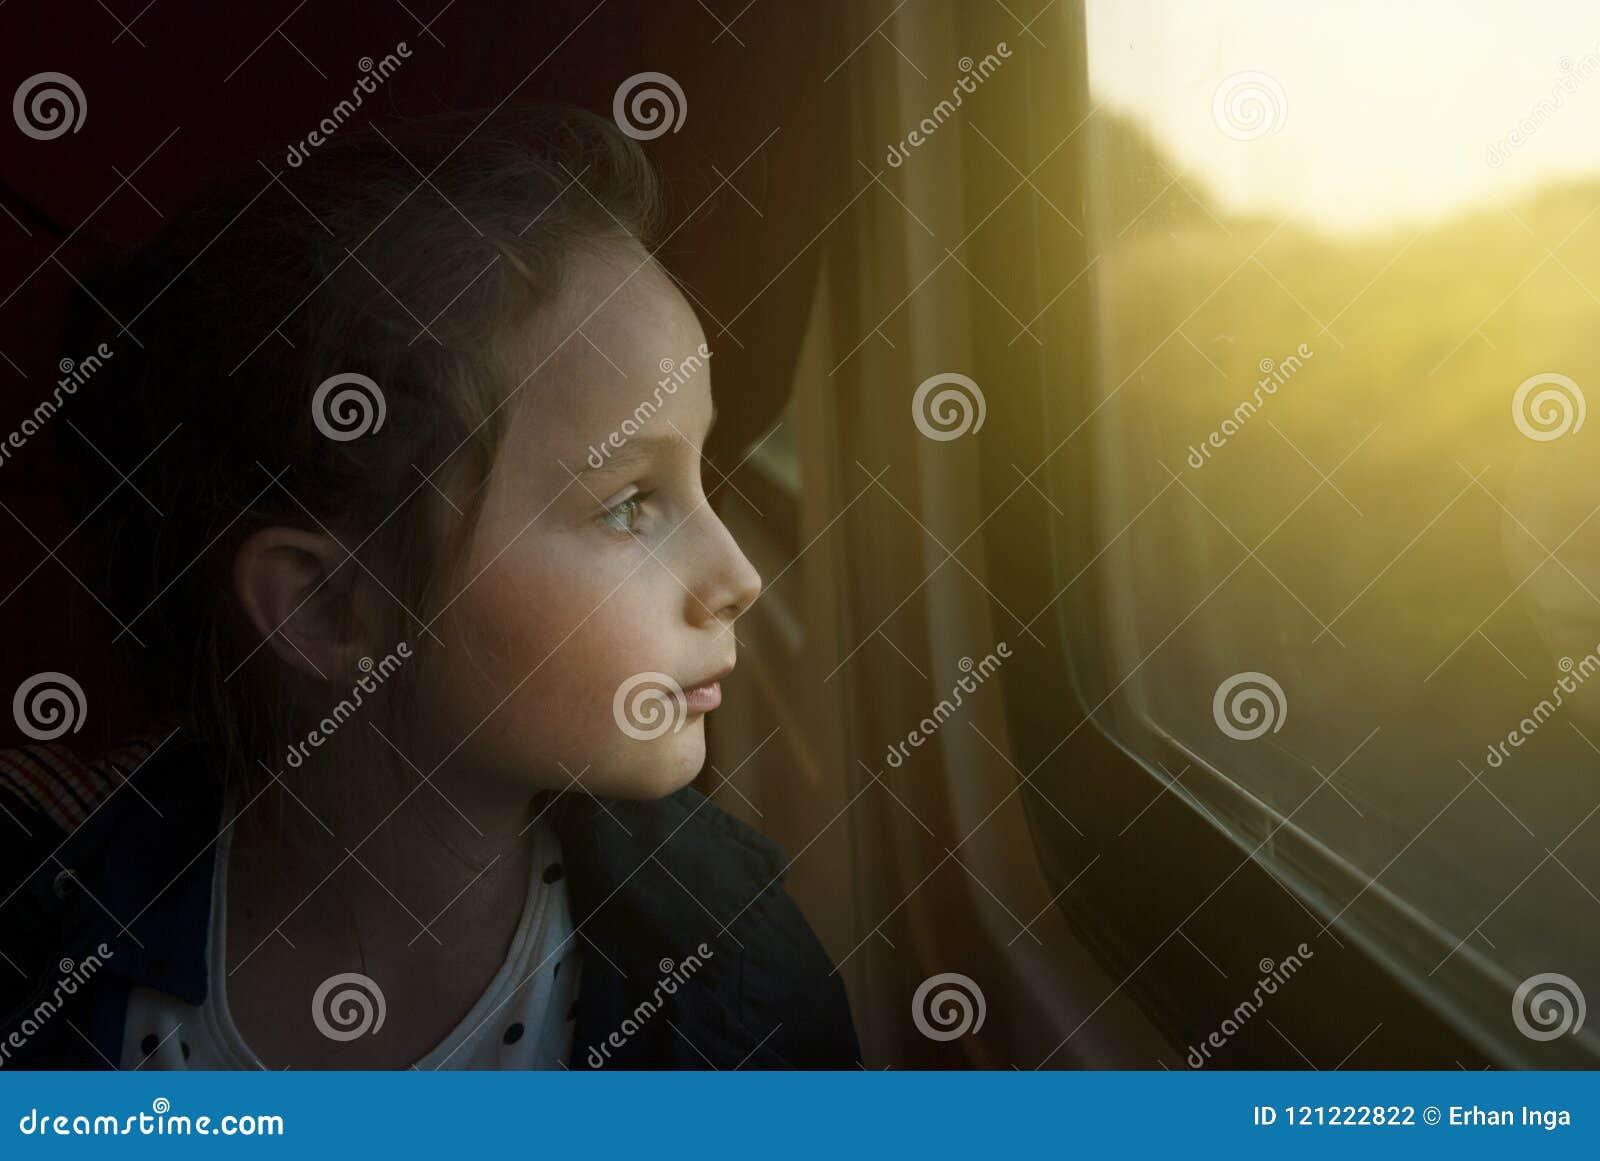 Wijnoogst mage van Meisje het kijken door venster wordt gestemd dat Zij reist op een spoorwegtrein De ruimte van het exemplaar